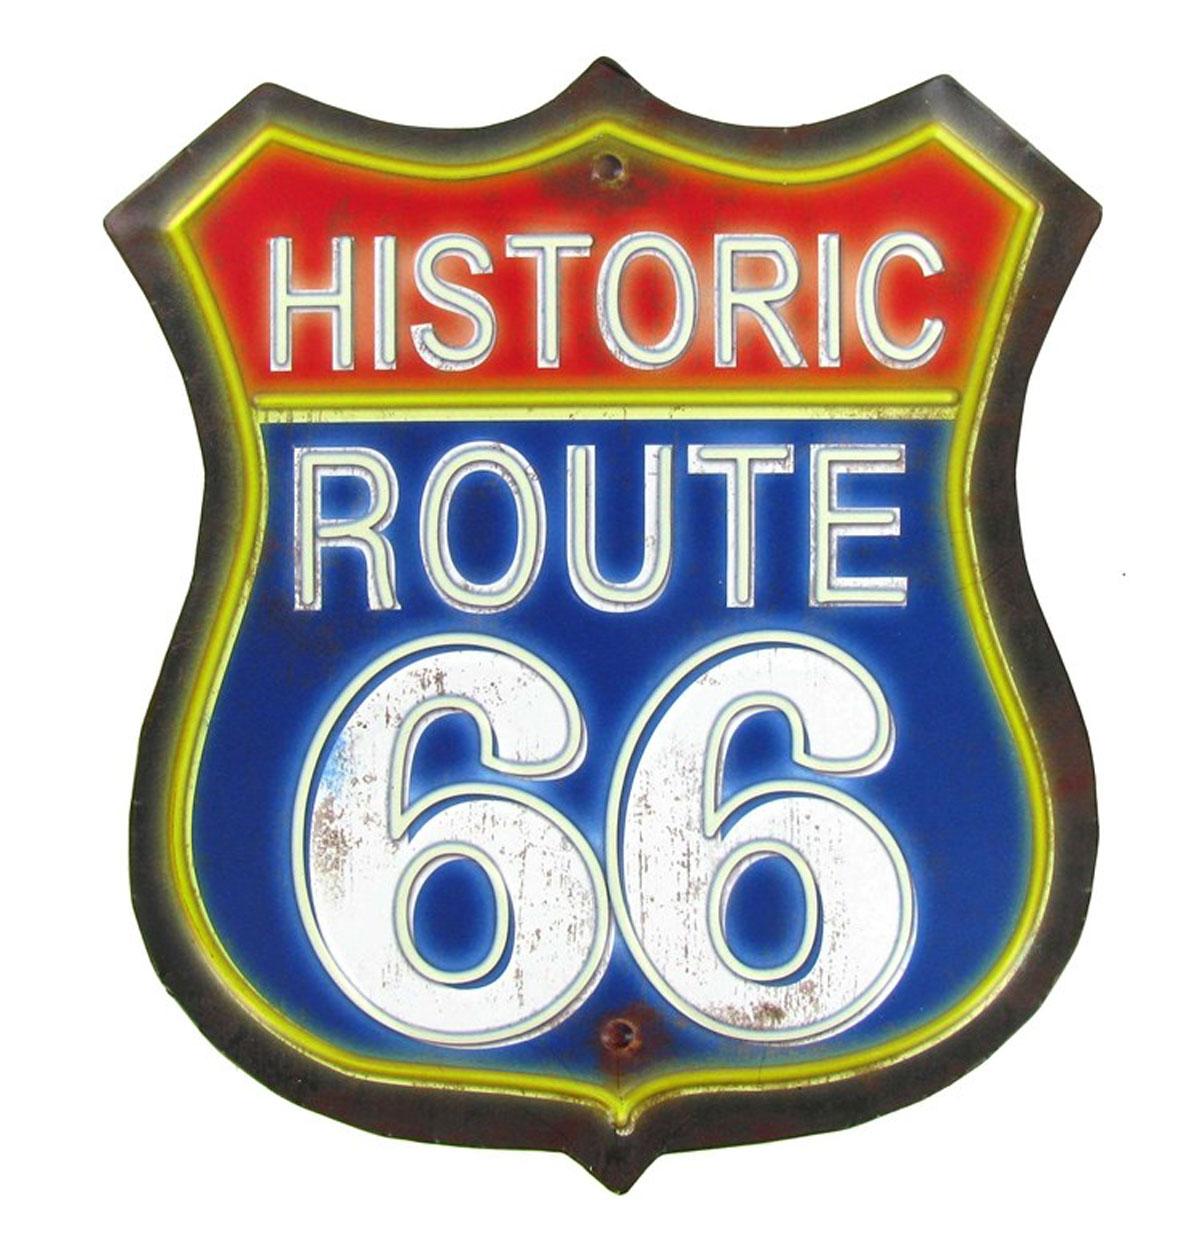 Historic Route 66 Red & Blue Metalen Bord Met Relief